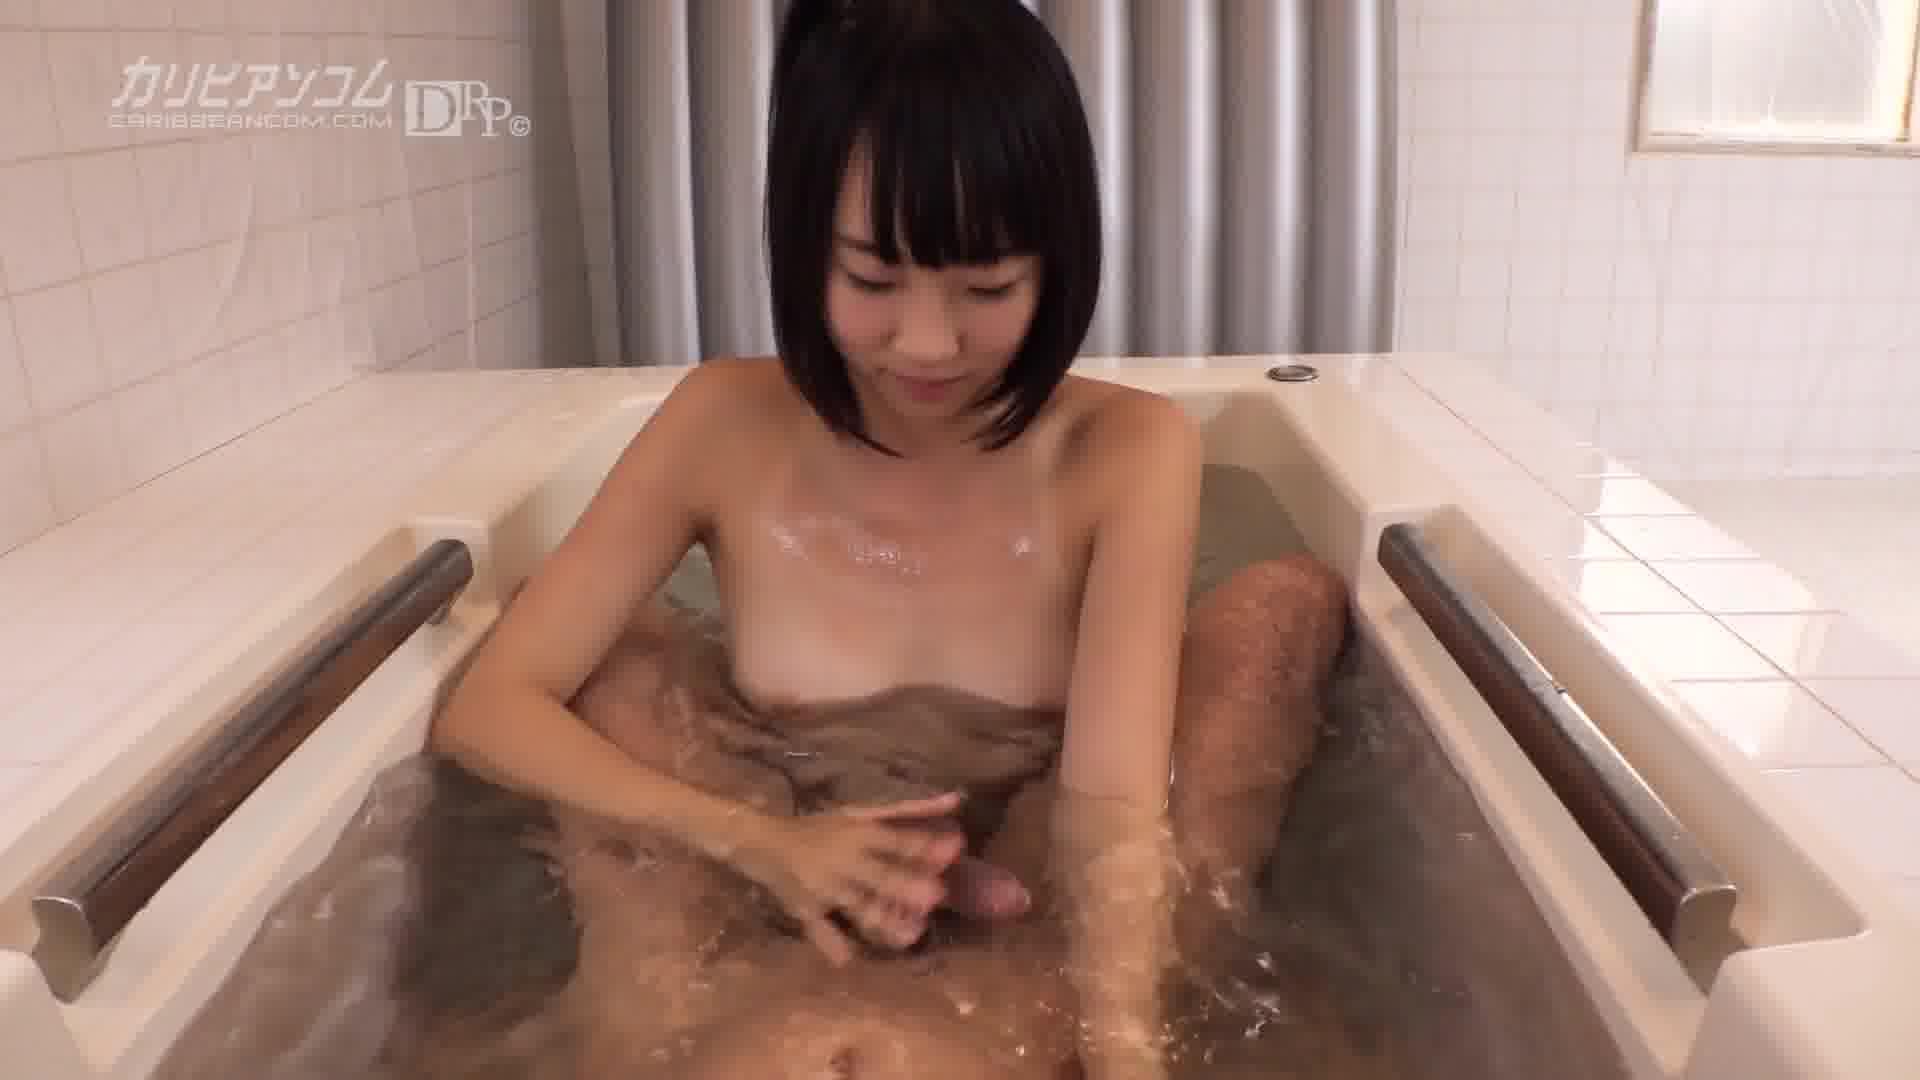 ロリコン専用ソープらんど4  - 碧木凛【パイパン・微乳・潮吹き】